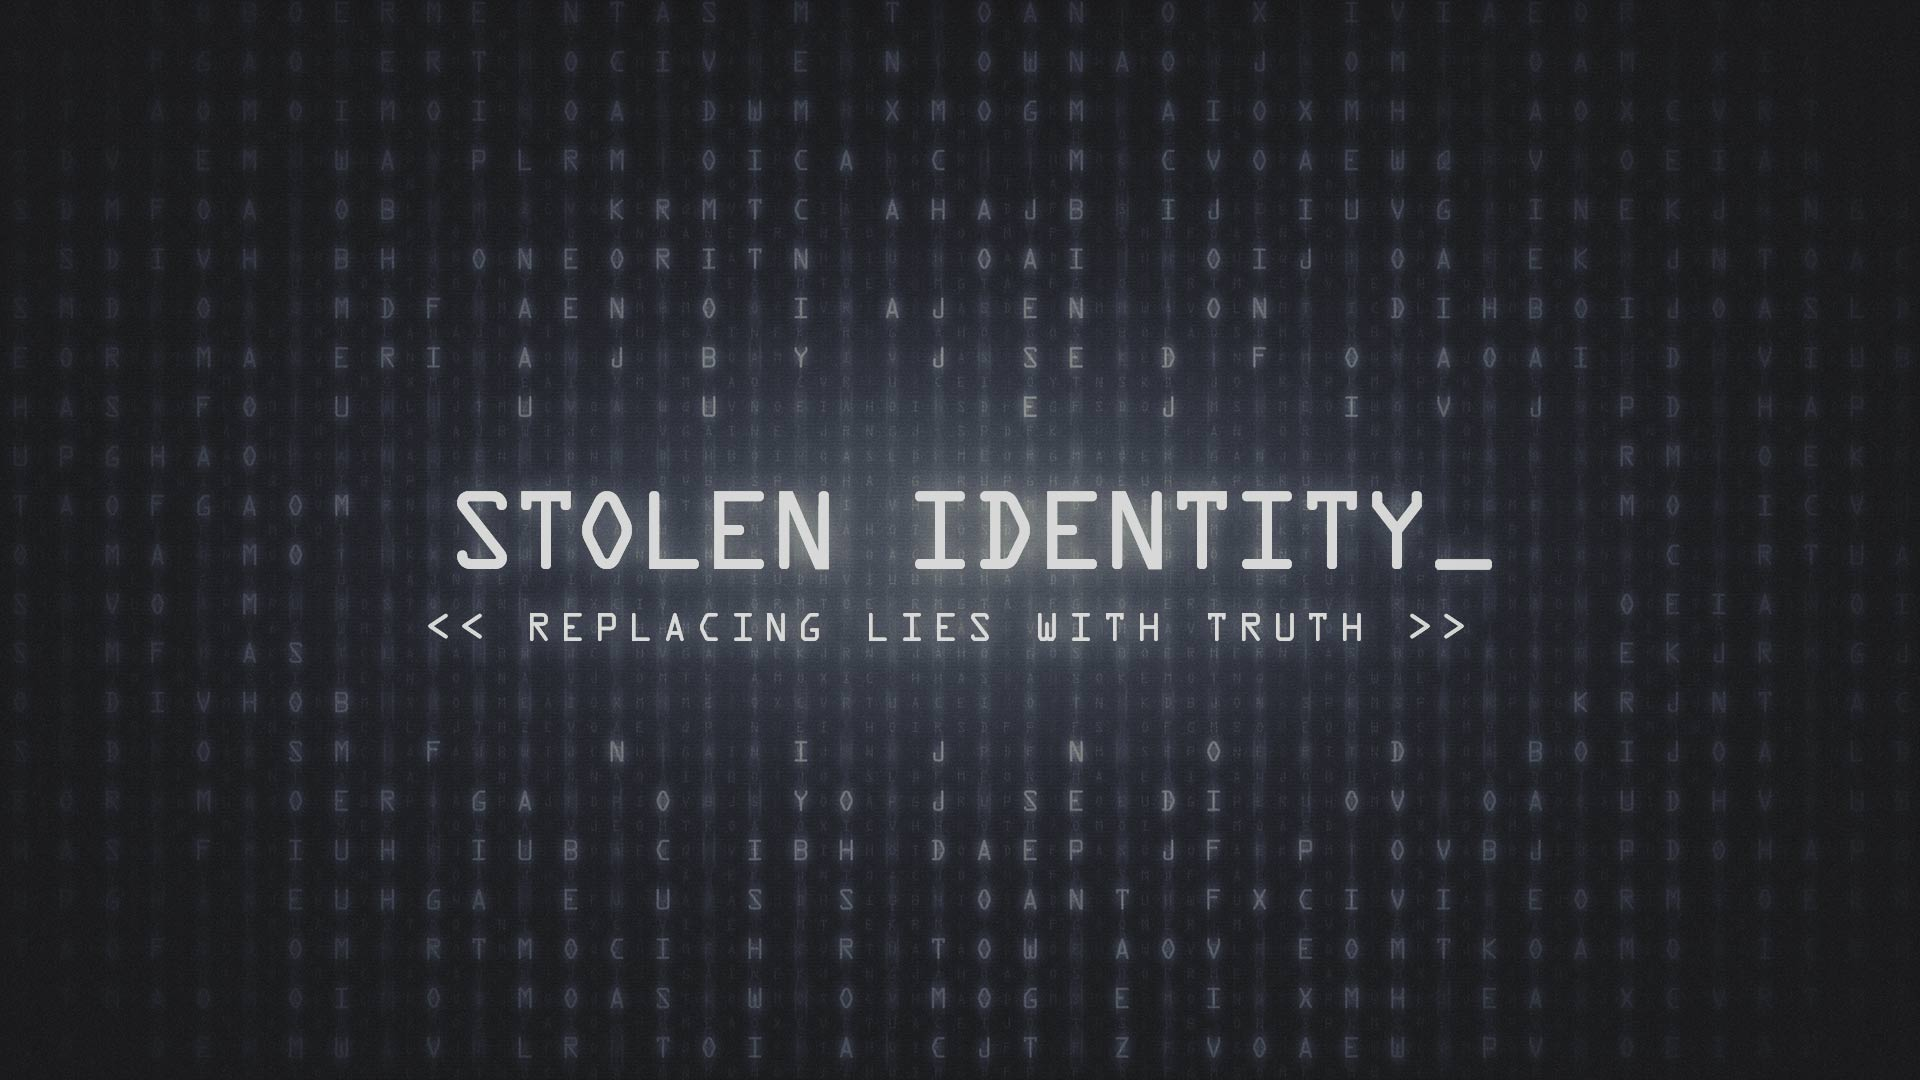 Stolen Identity